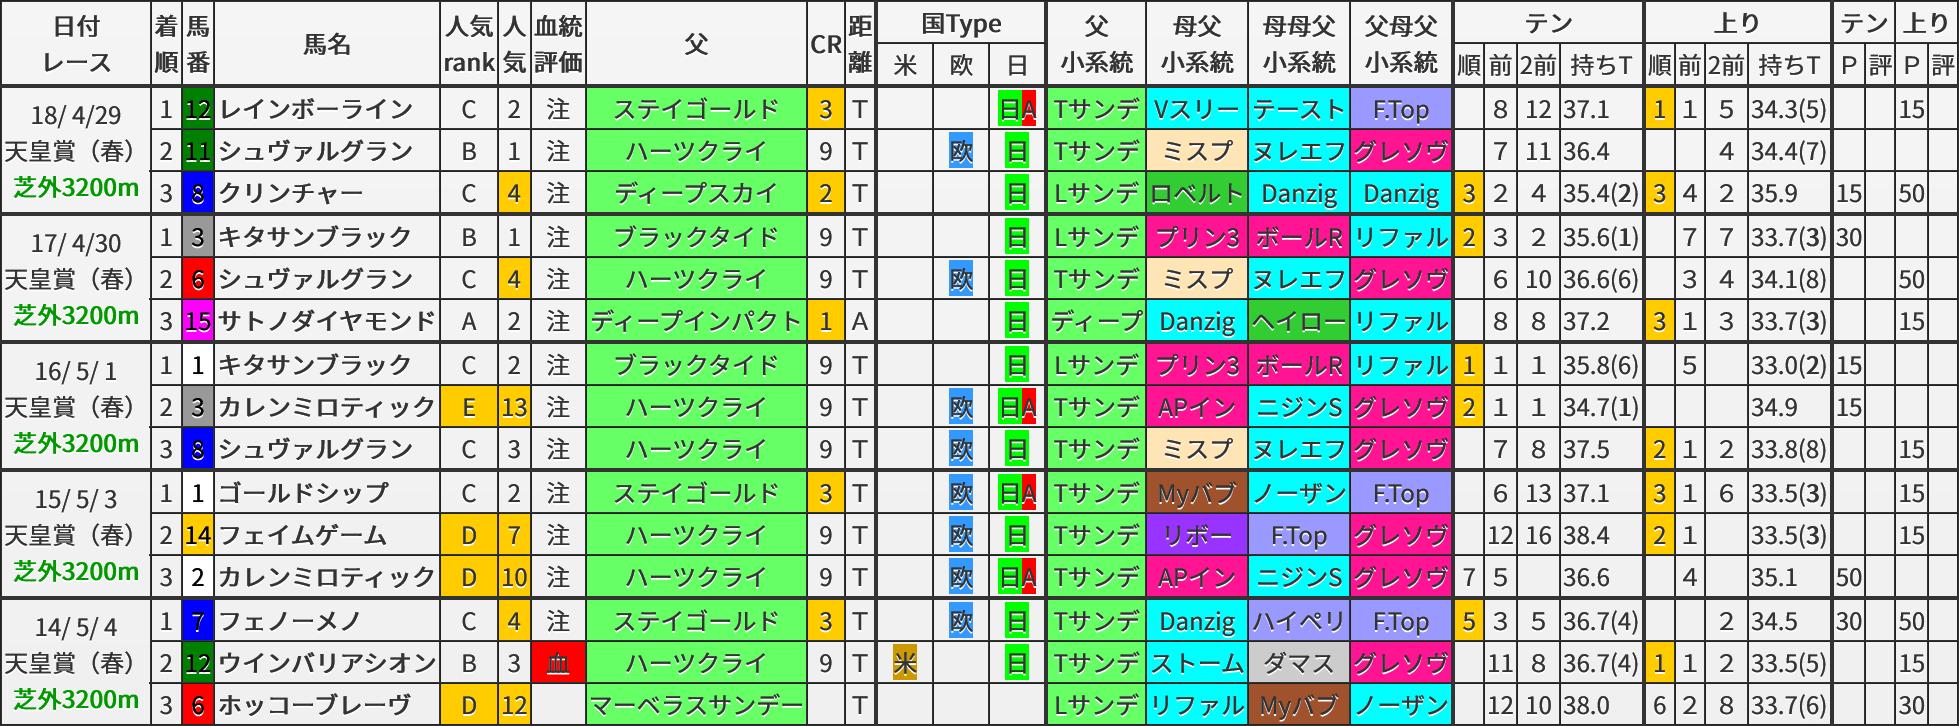 天皇賞・春 過去5年ブラッドバイアス